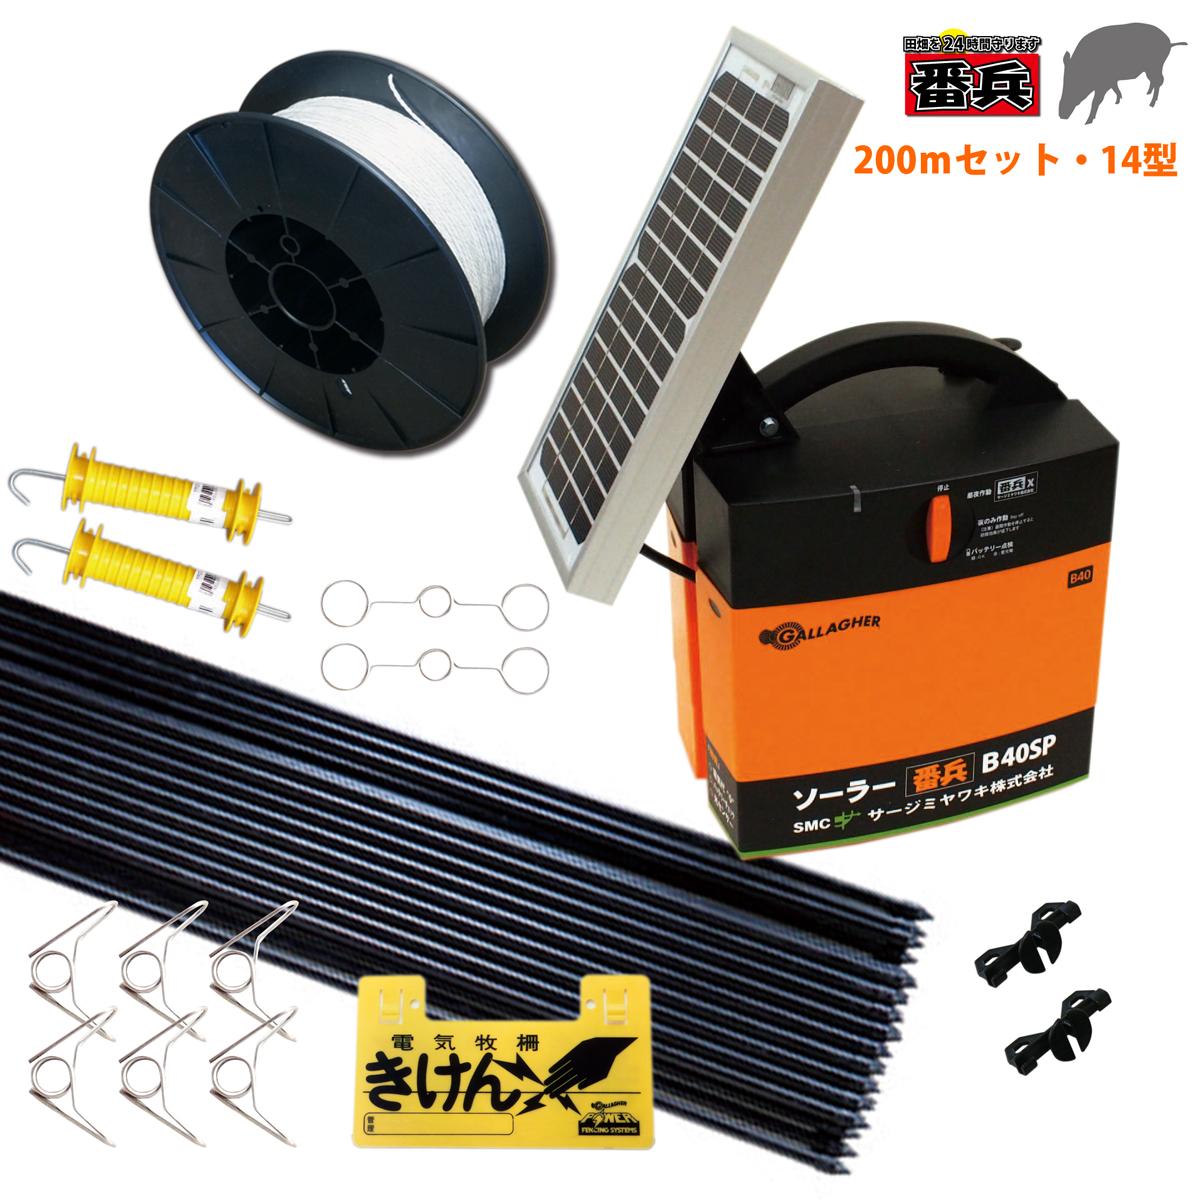 【電気柵】番兵B40x-sp+B 400mセット【本体2年間保証・光センサー付】14型仕様・2段張り(仕様)ガラガー